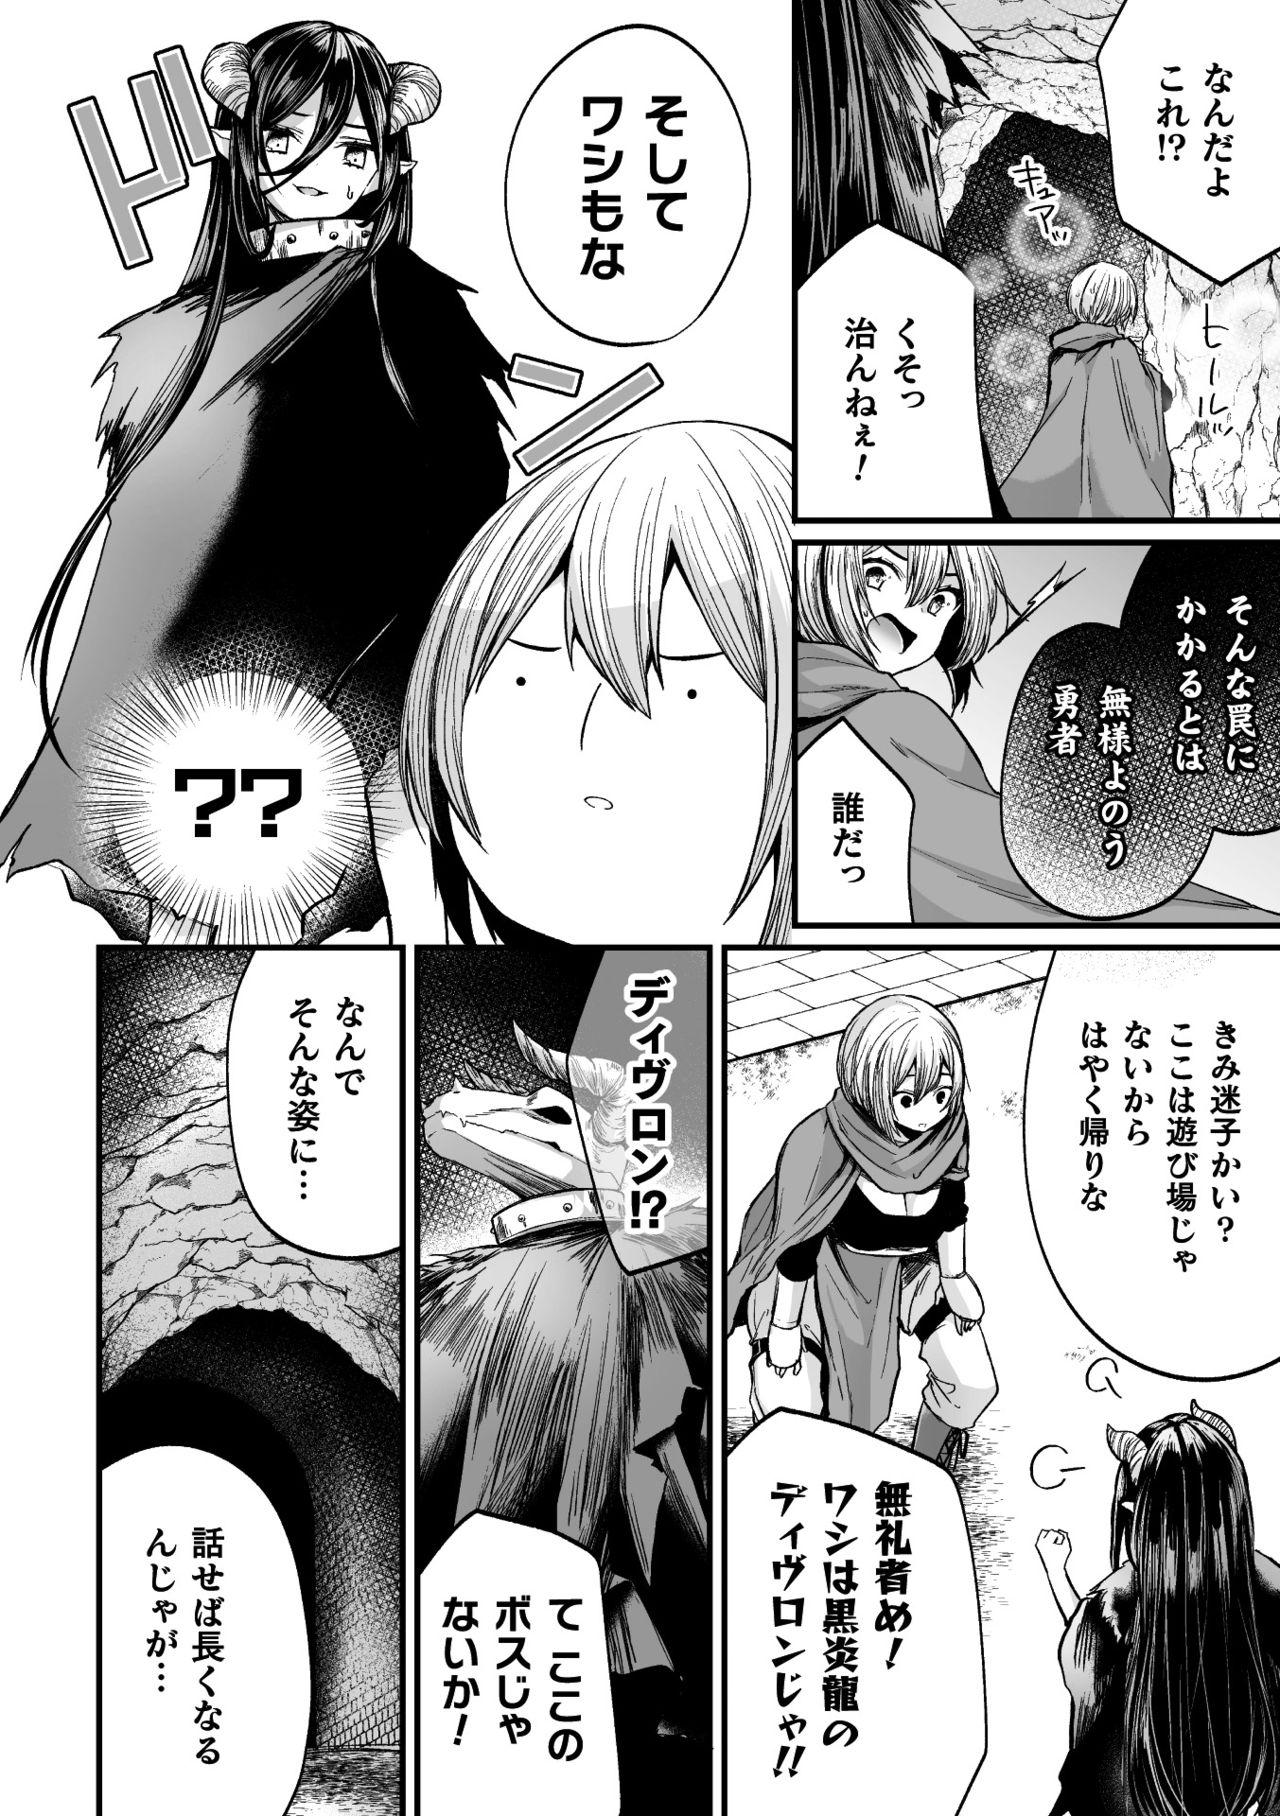 2D Comic Magazine Mesu Ochi! TS Ero Trap Dungeon Vol. 3 23